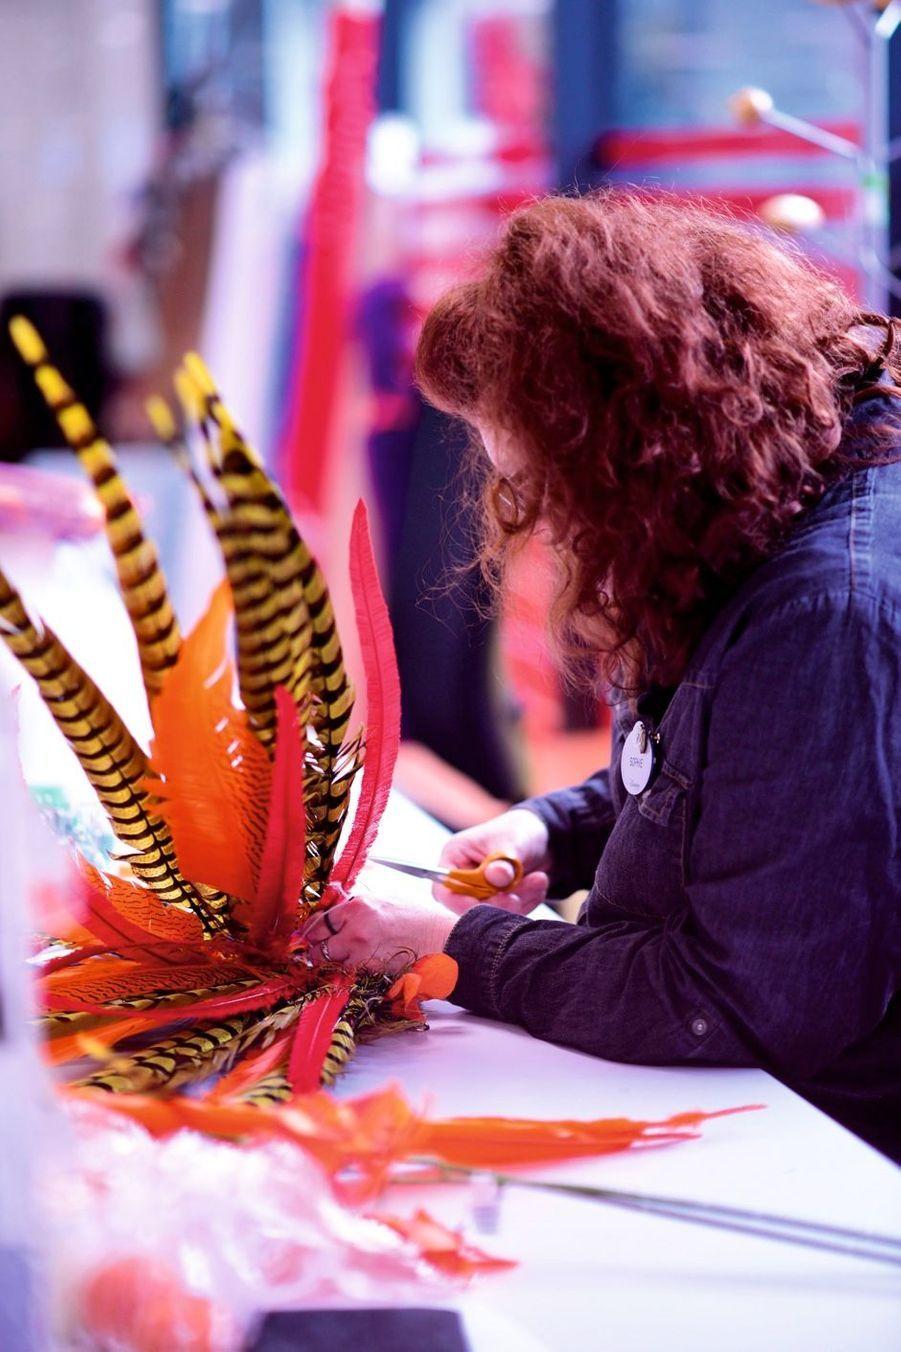 Ci-contre, Sophie Manevy, modiste, réalise une coiffe en plumes piquées à la main une à une.